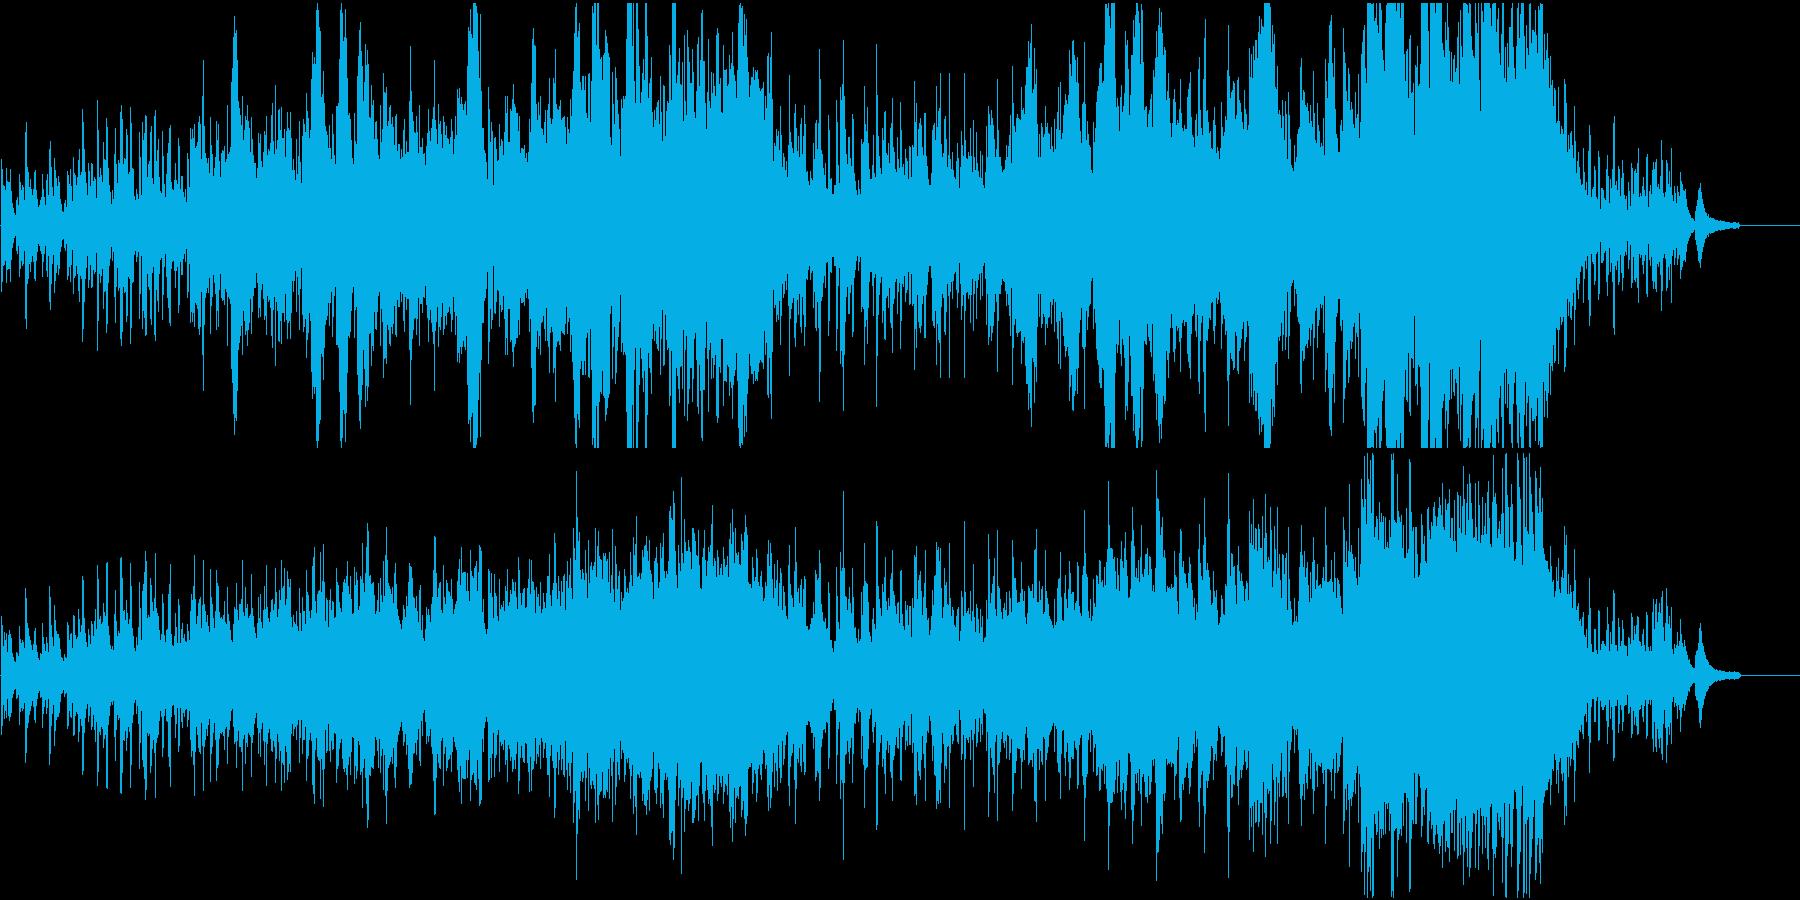 ほのぼの・スタイリッシュ・violinの再生済みの波形